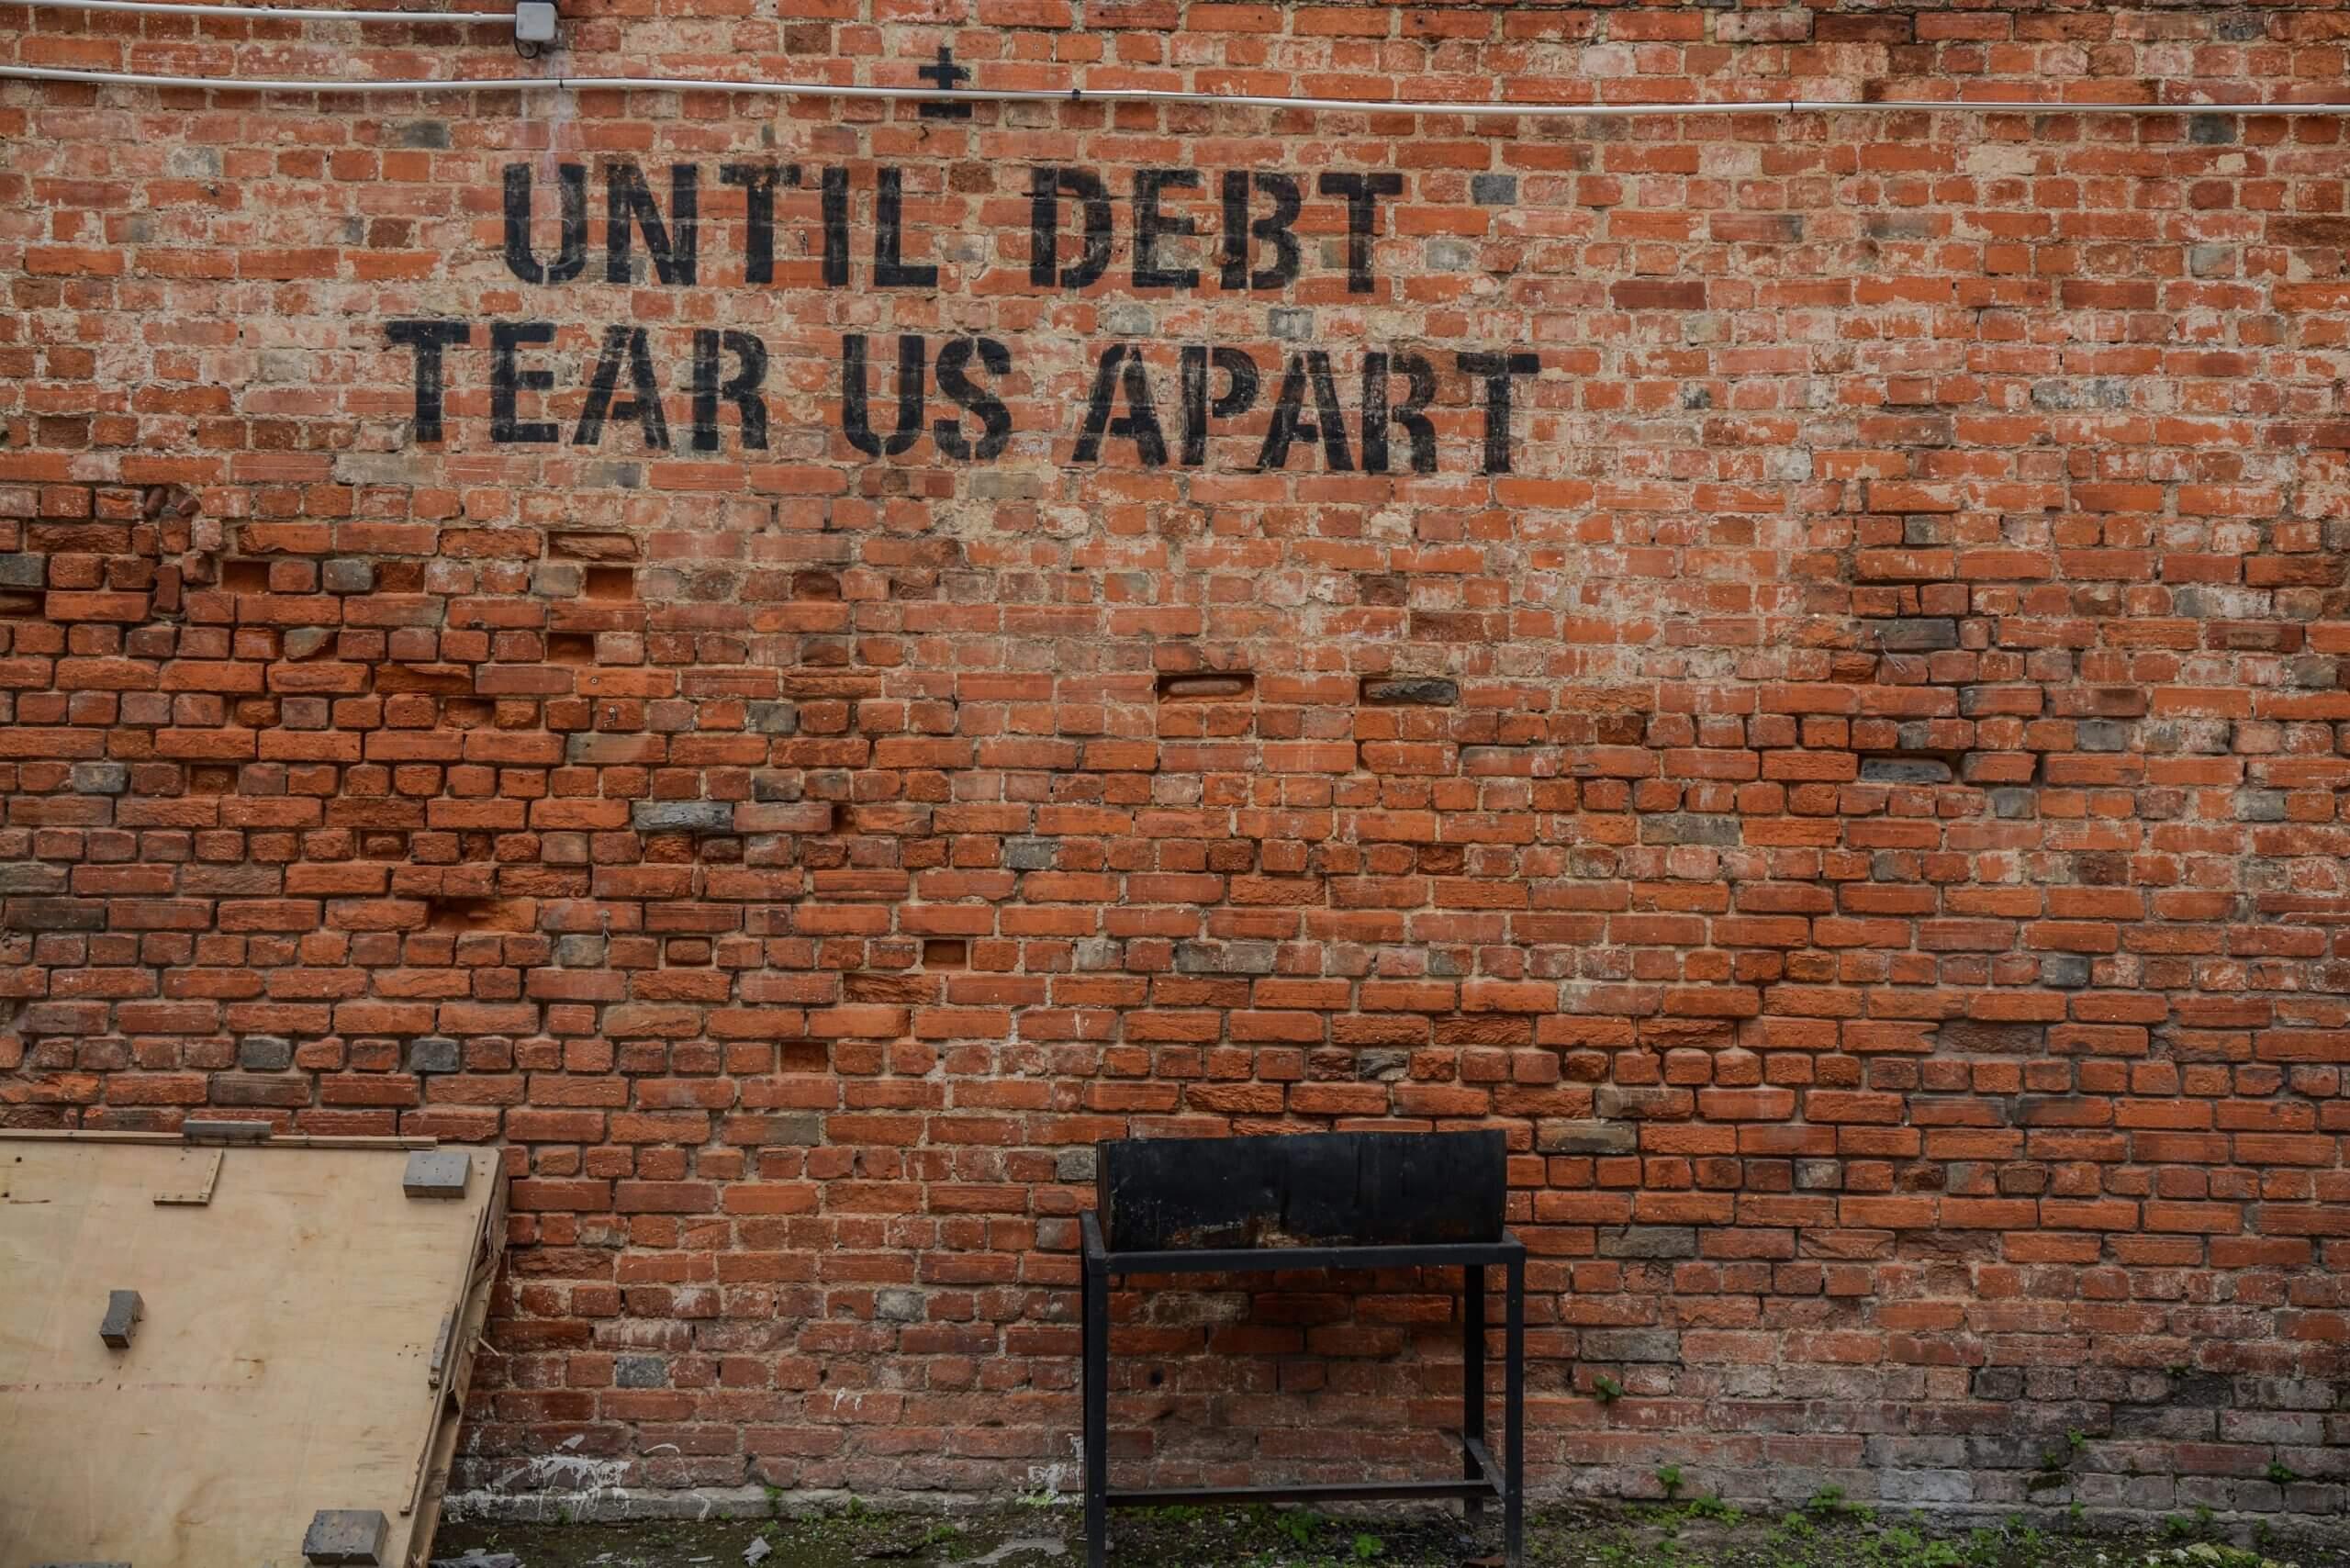 Extinguish Debt